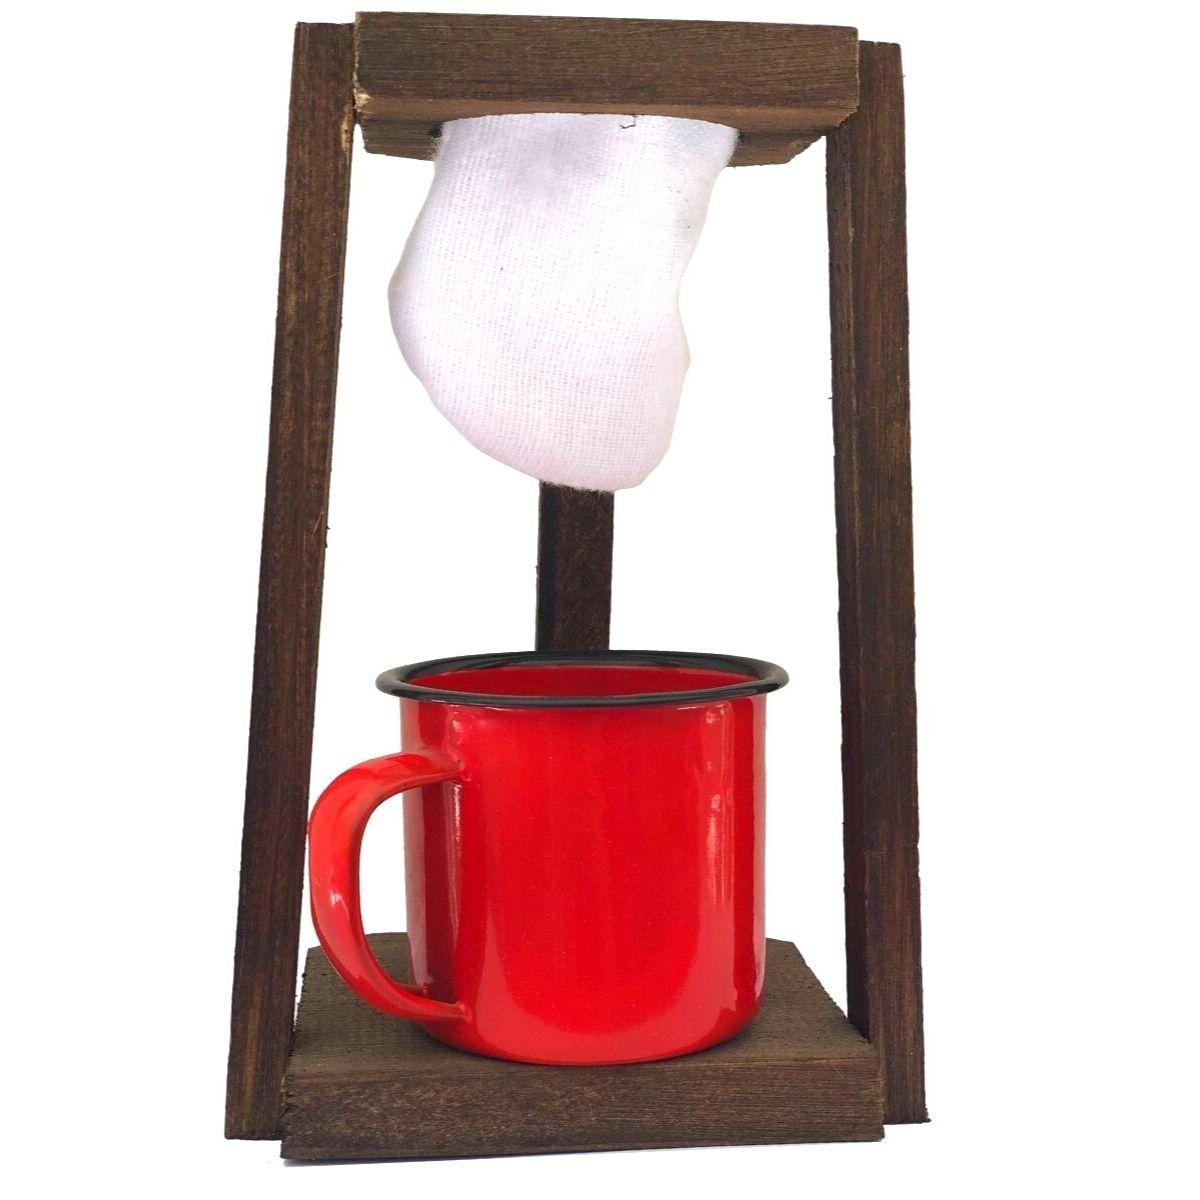 Kit Coador de Café em Madeira com Caneca Esmaltada Vermelha 150ml